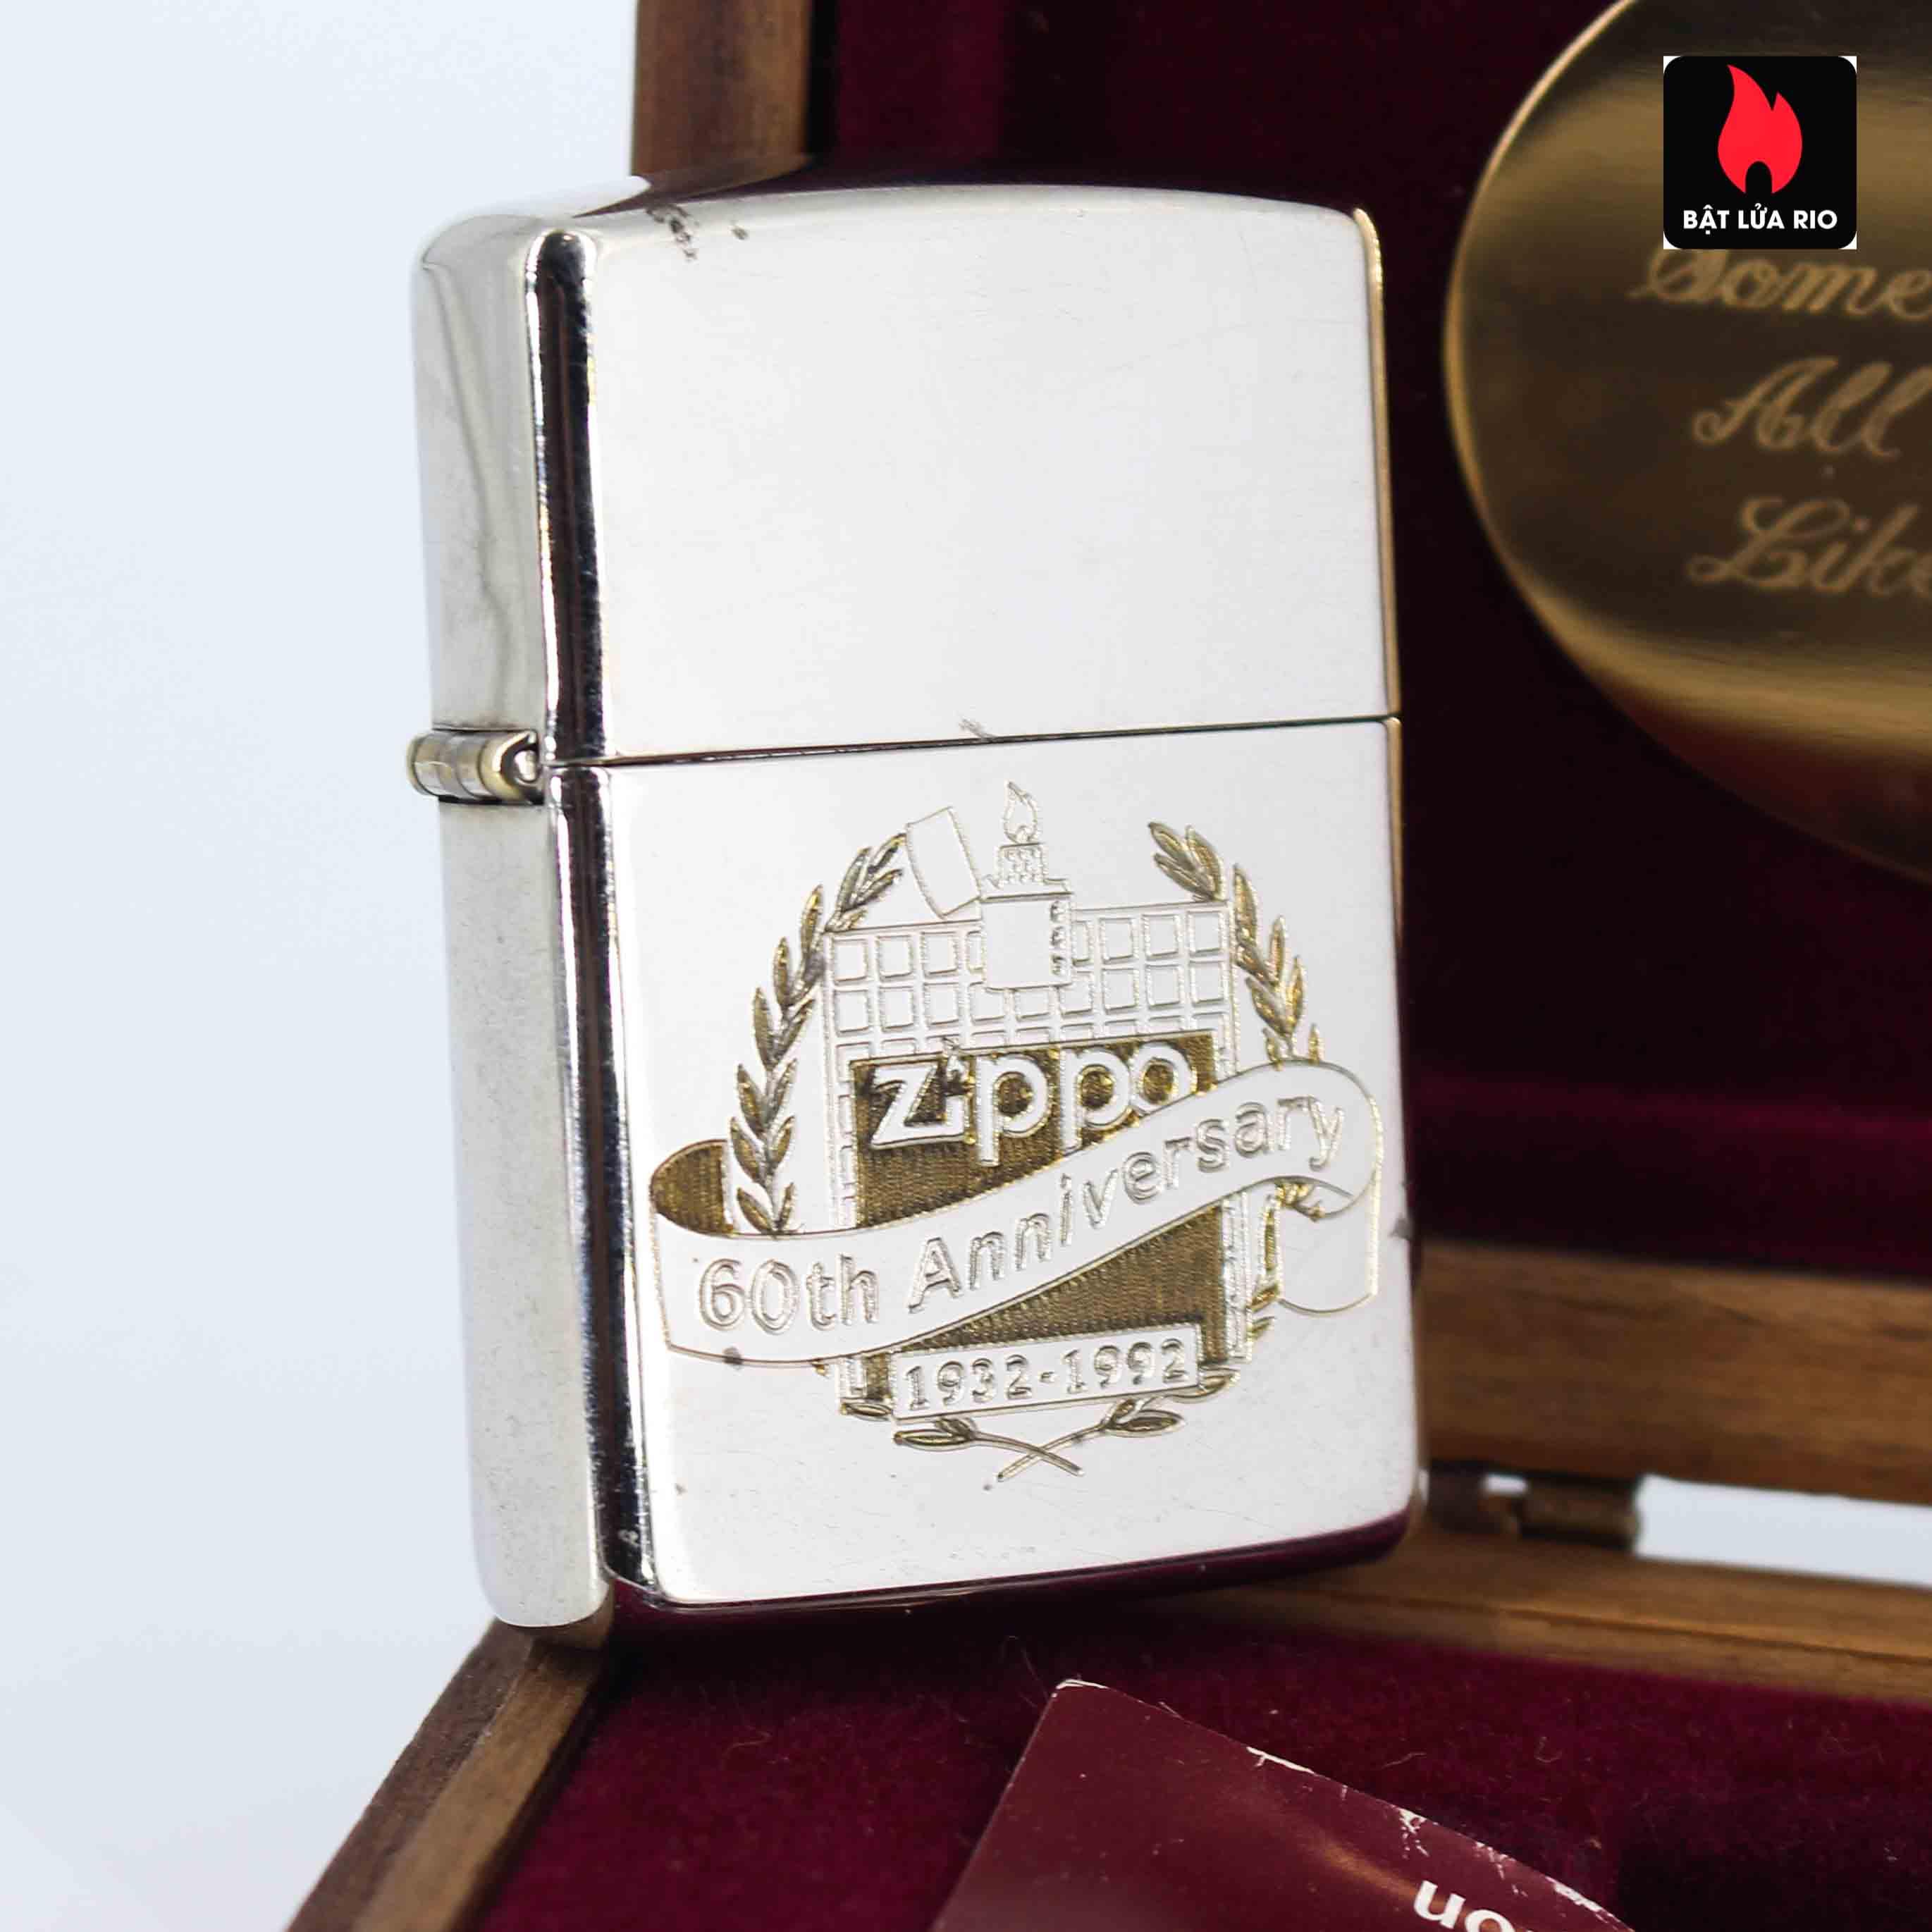 Zippo 1932 - 1992 - 60th Anniversary - Kỉ Niệm 60 Năm Thành Lập Hãng Zippo